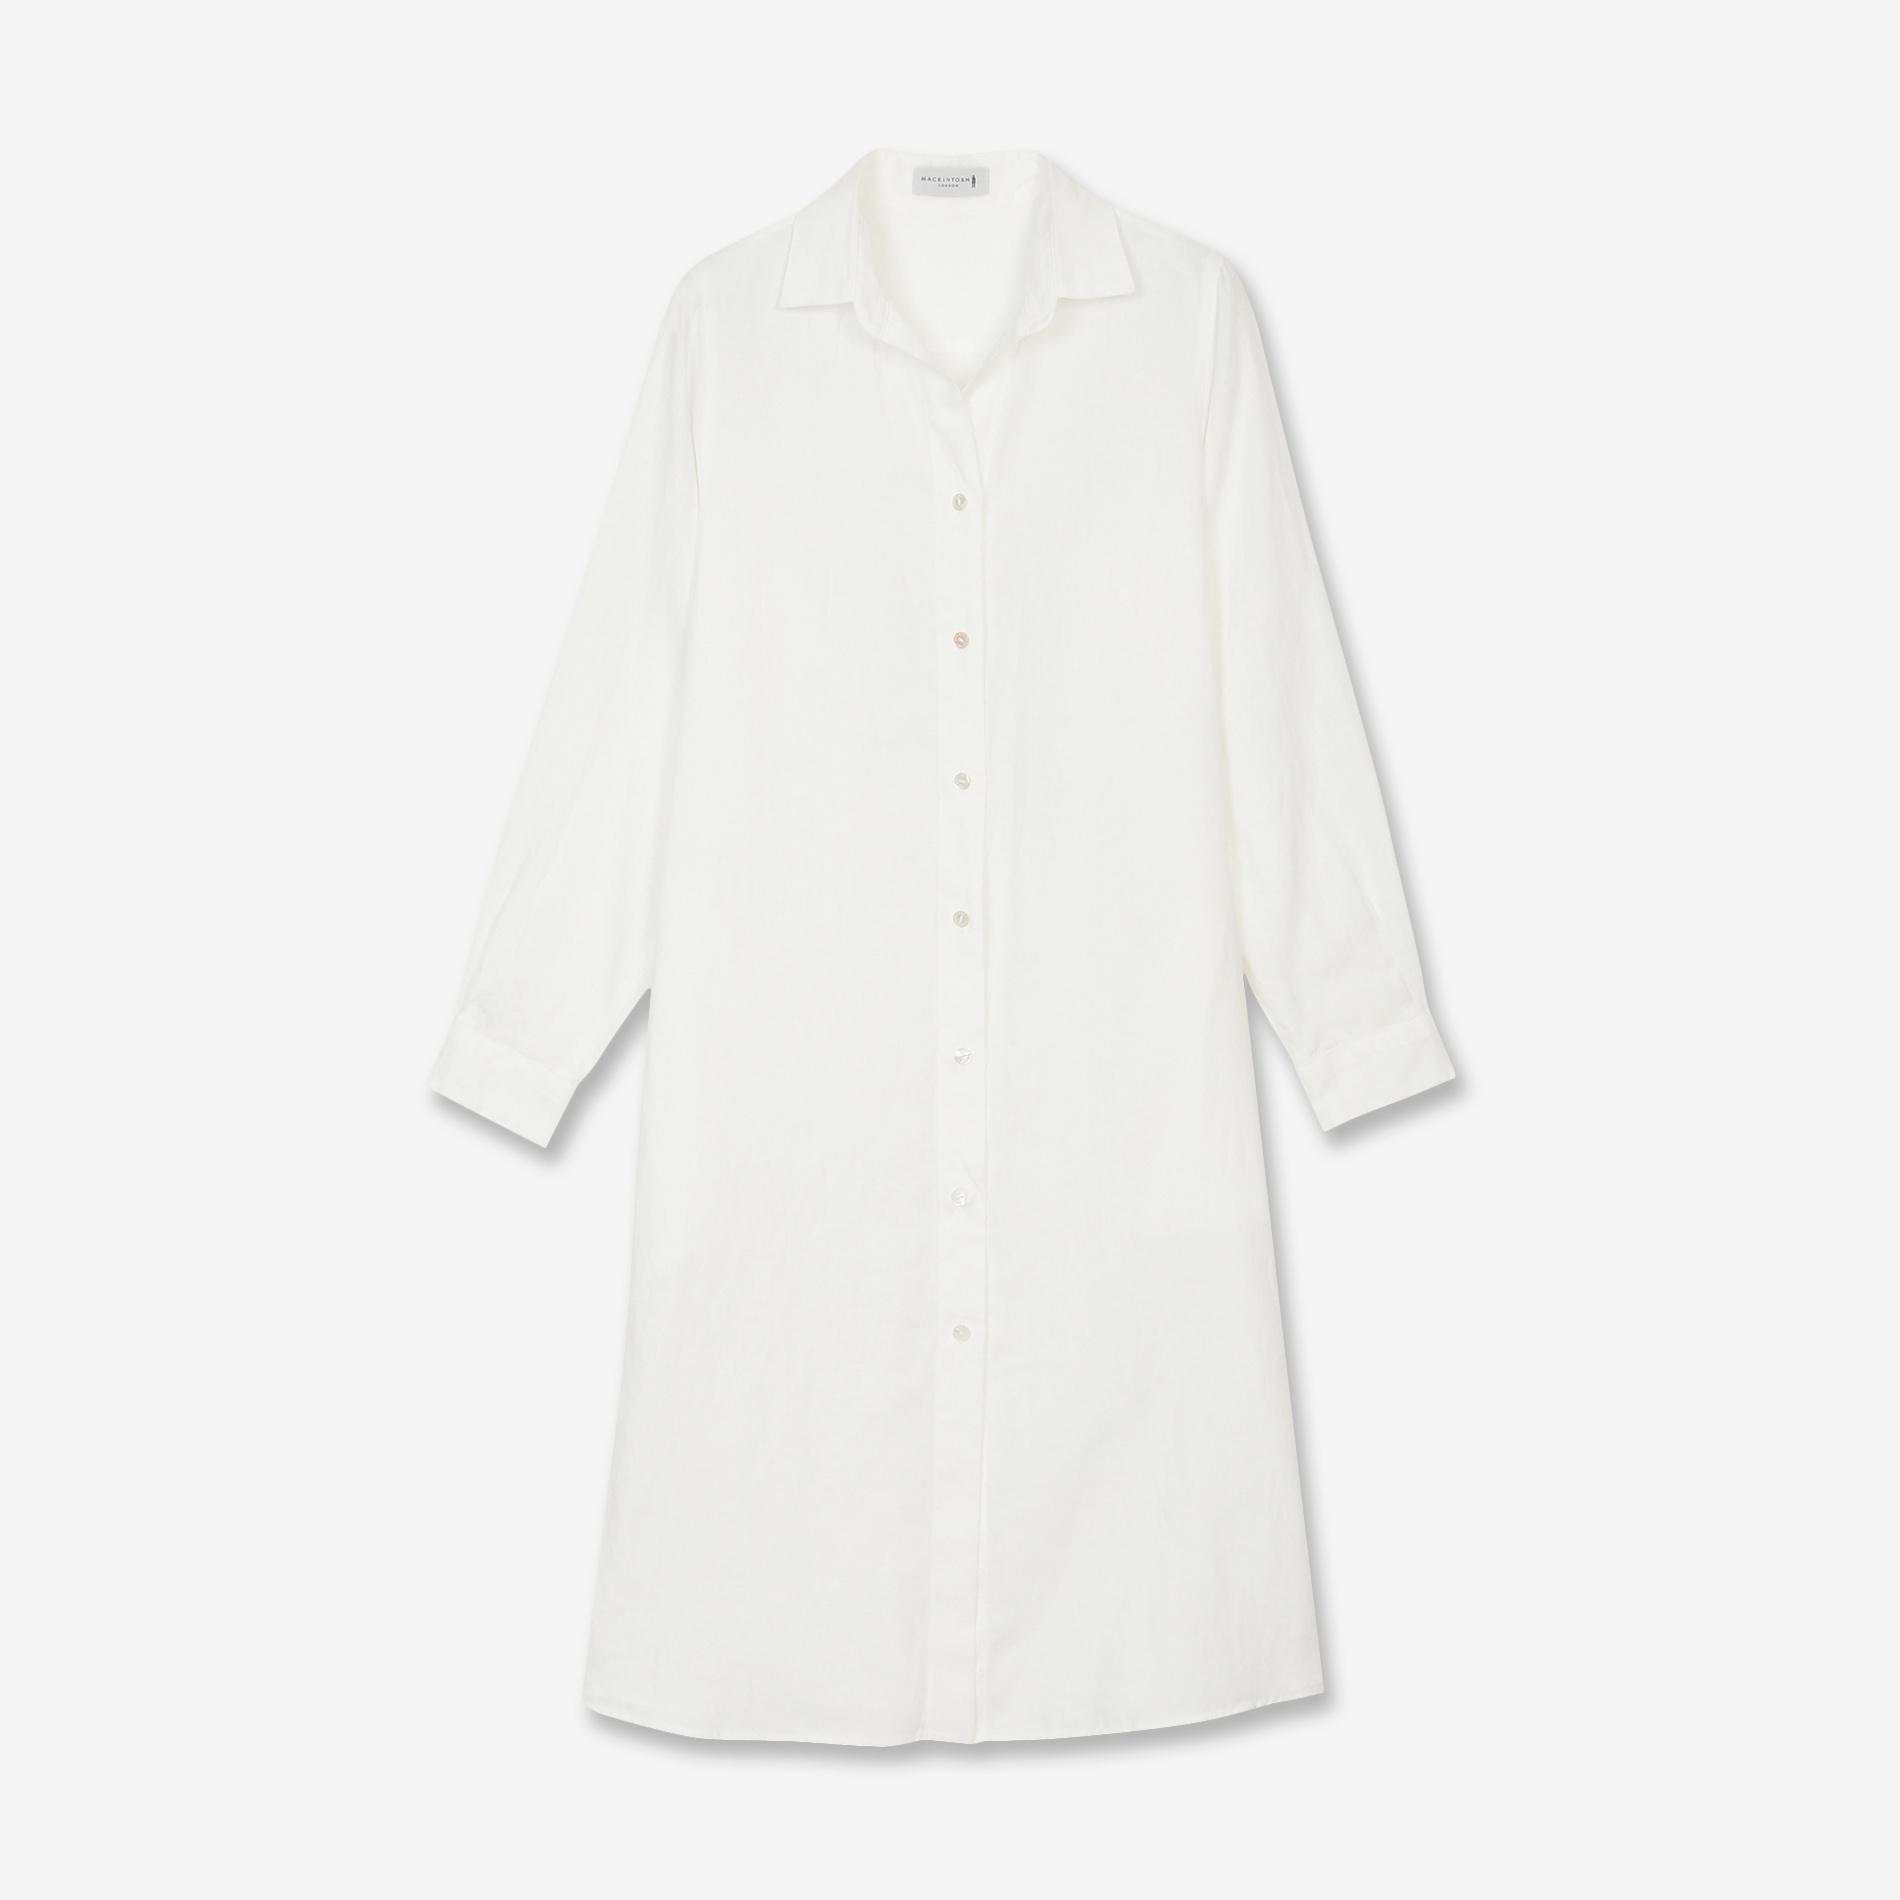 70フレンチ麻ロングシャツ